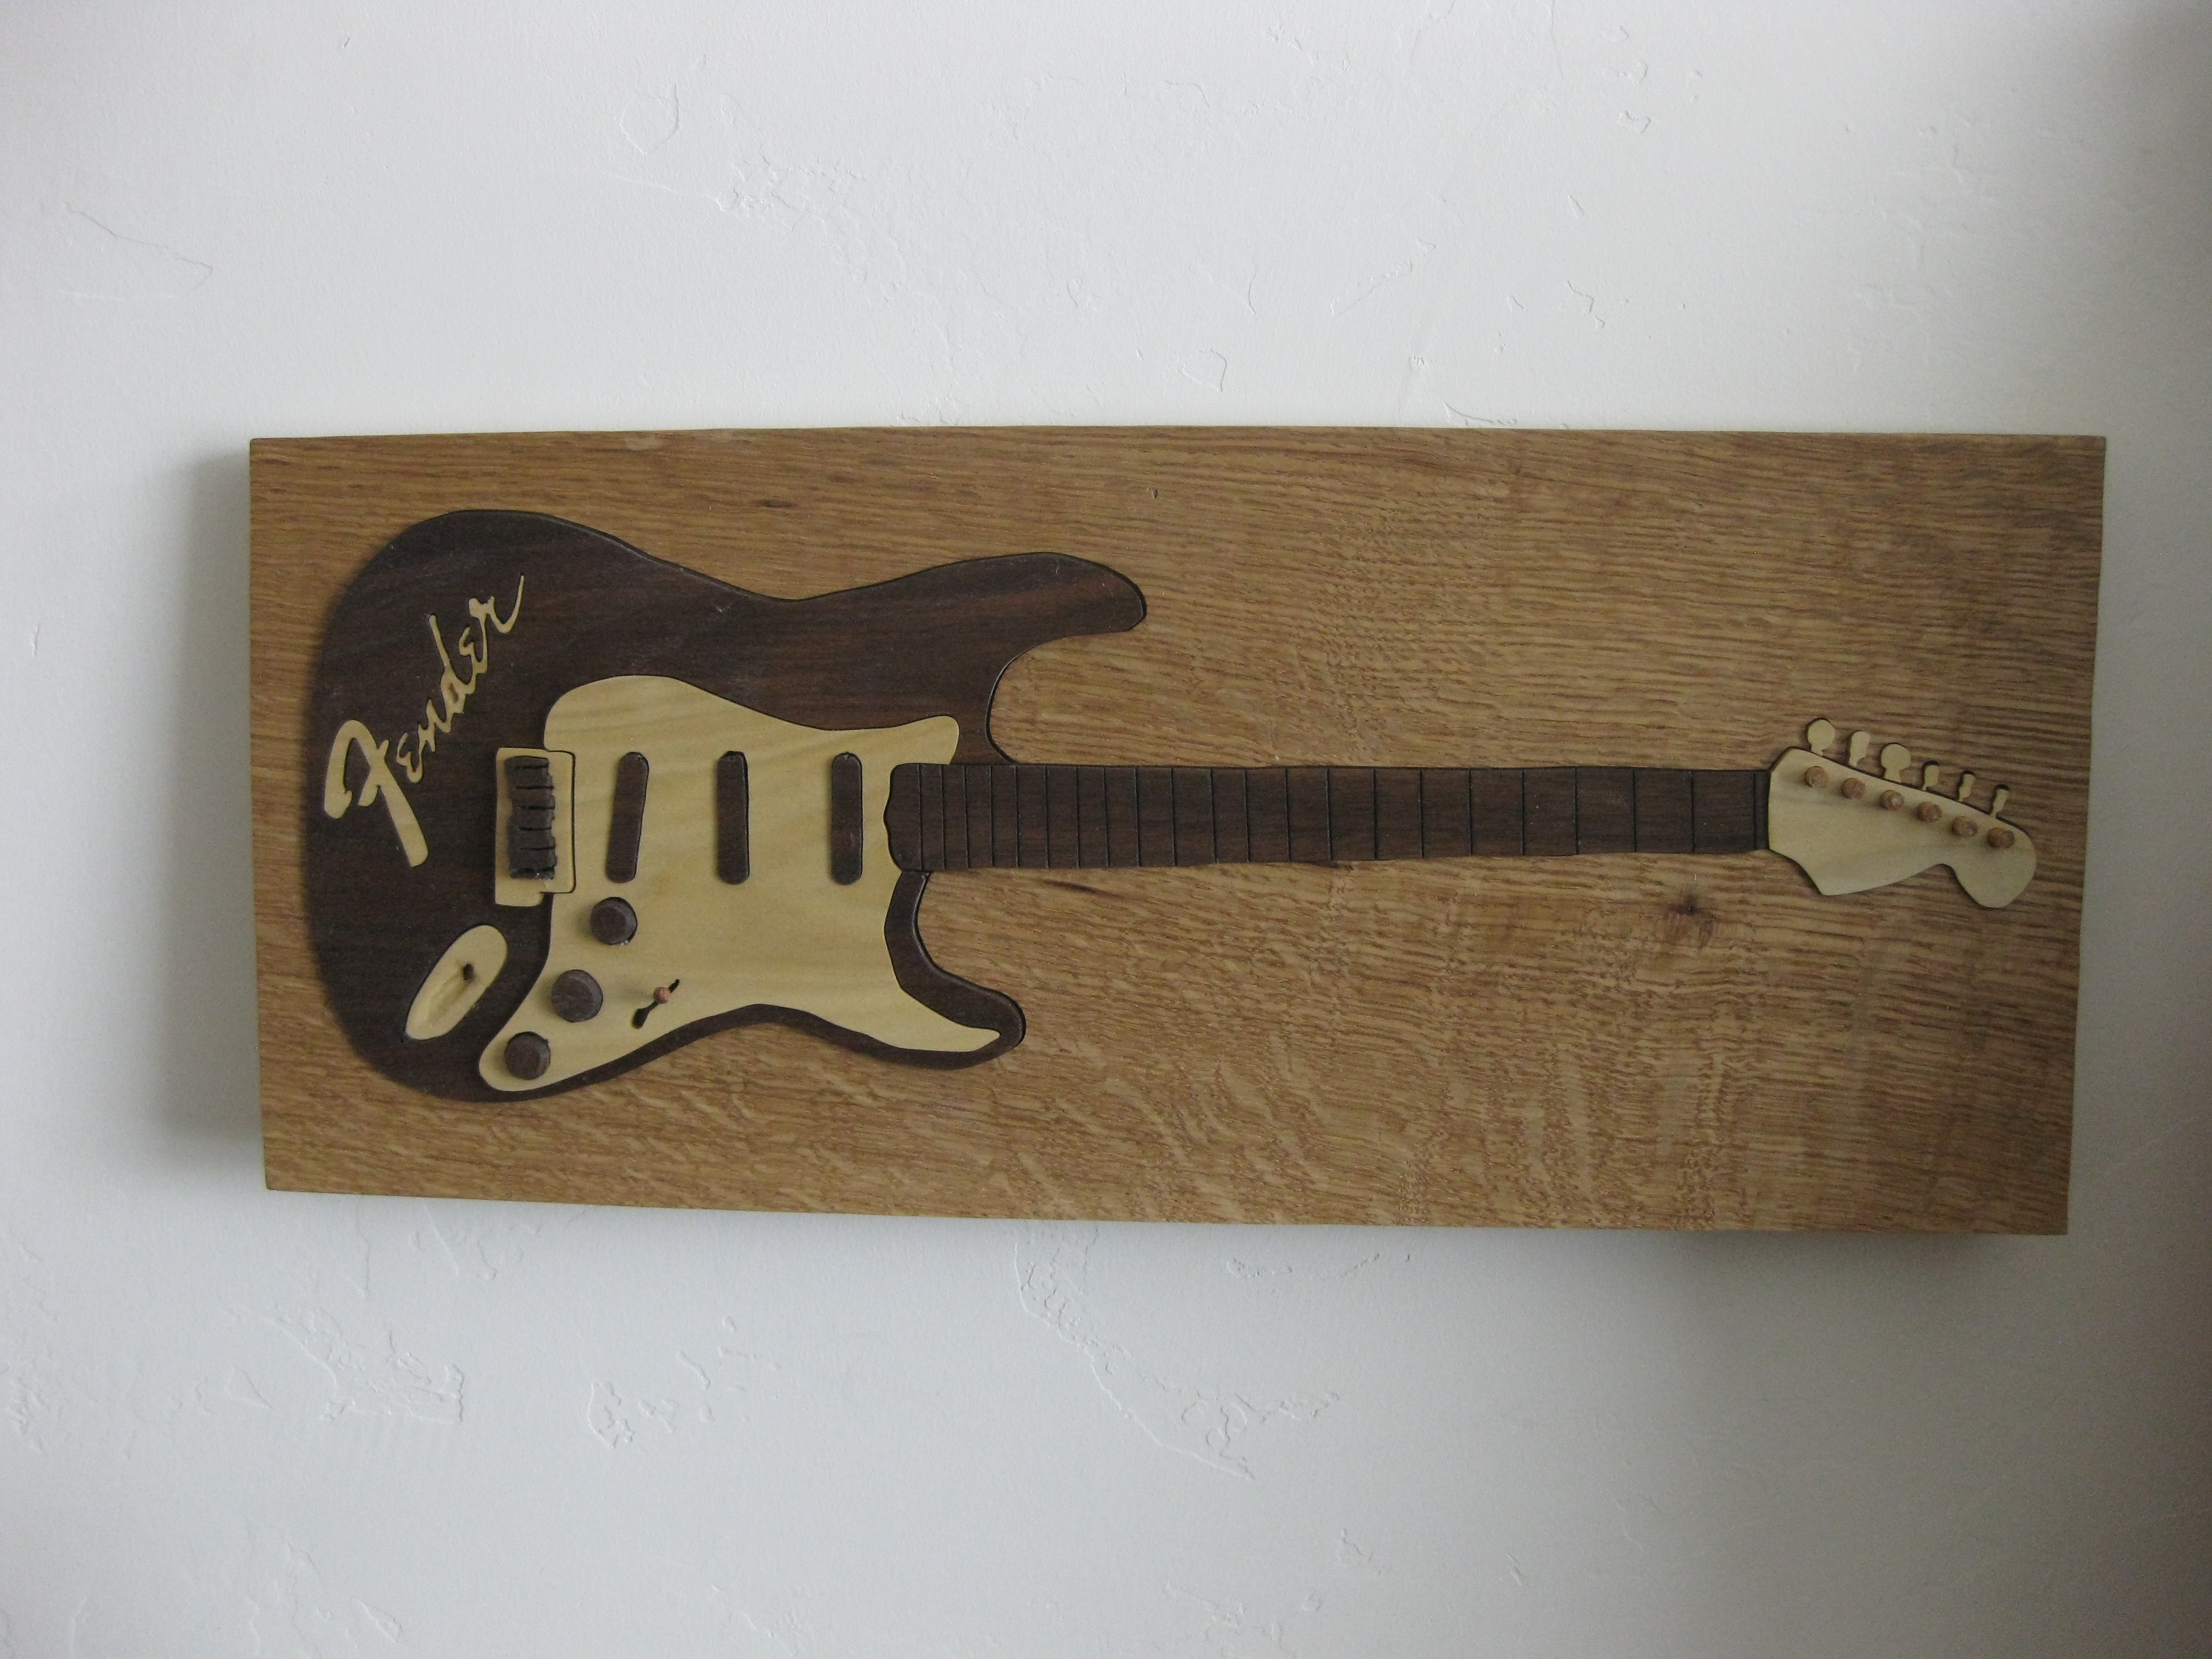 Vintage Fender Guitar Art Puzzle